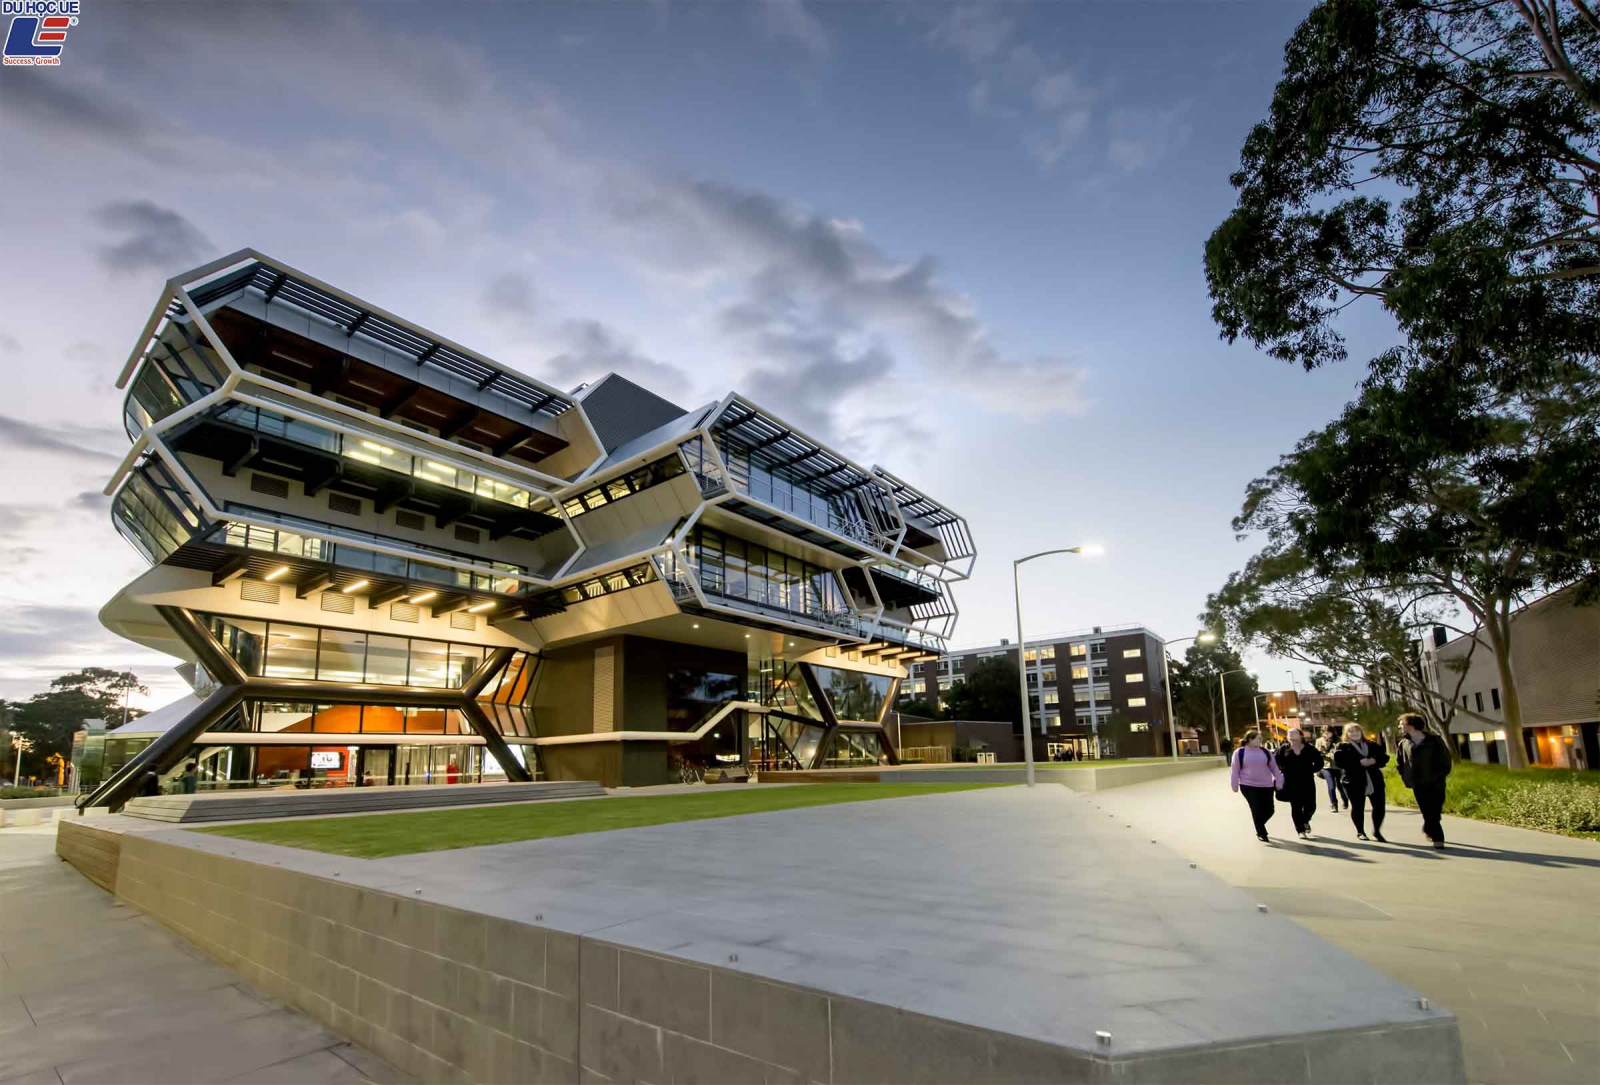 Cận cảnh Go8 - những trường đại học đỉnh nhất nước Úc (phần 2) 5